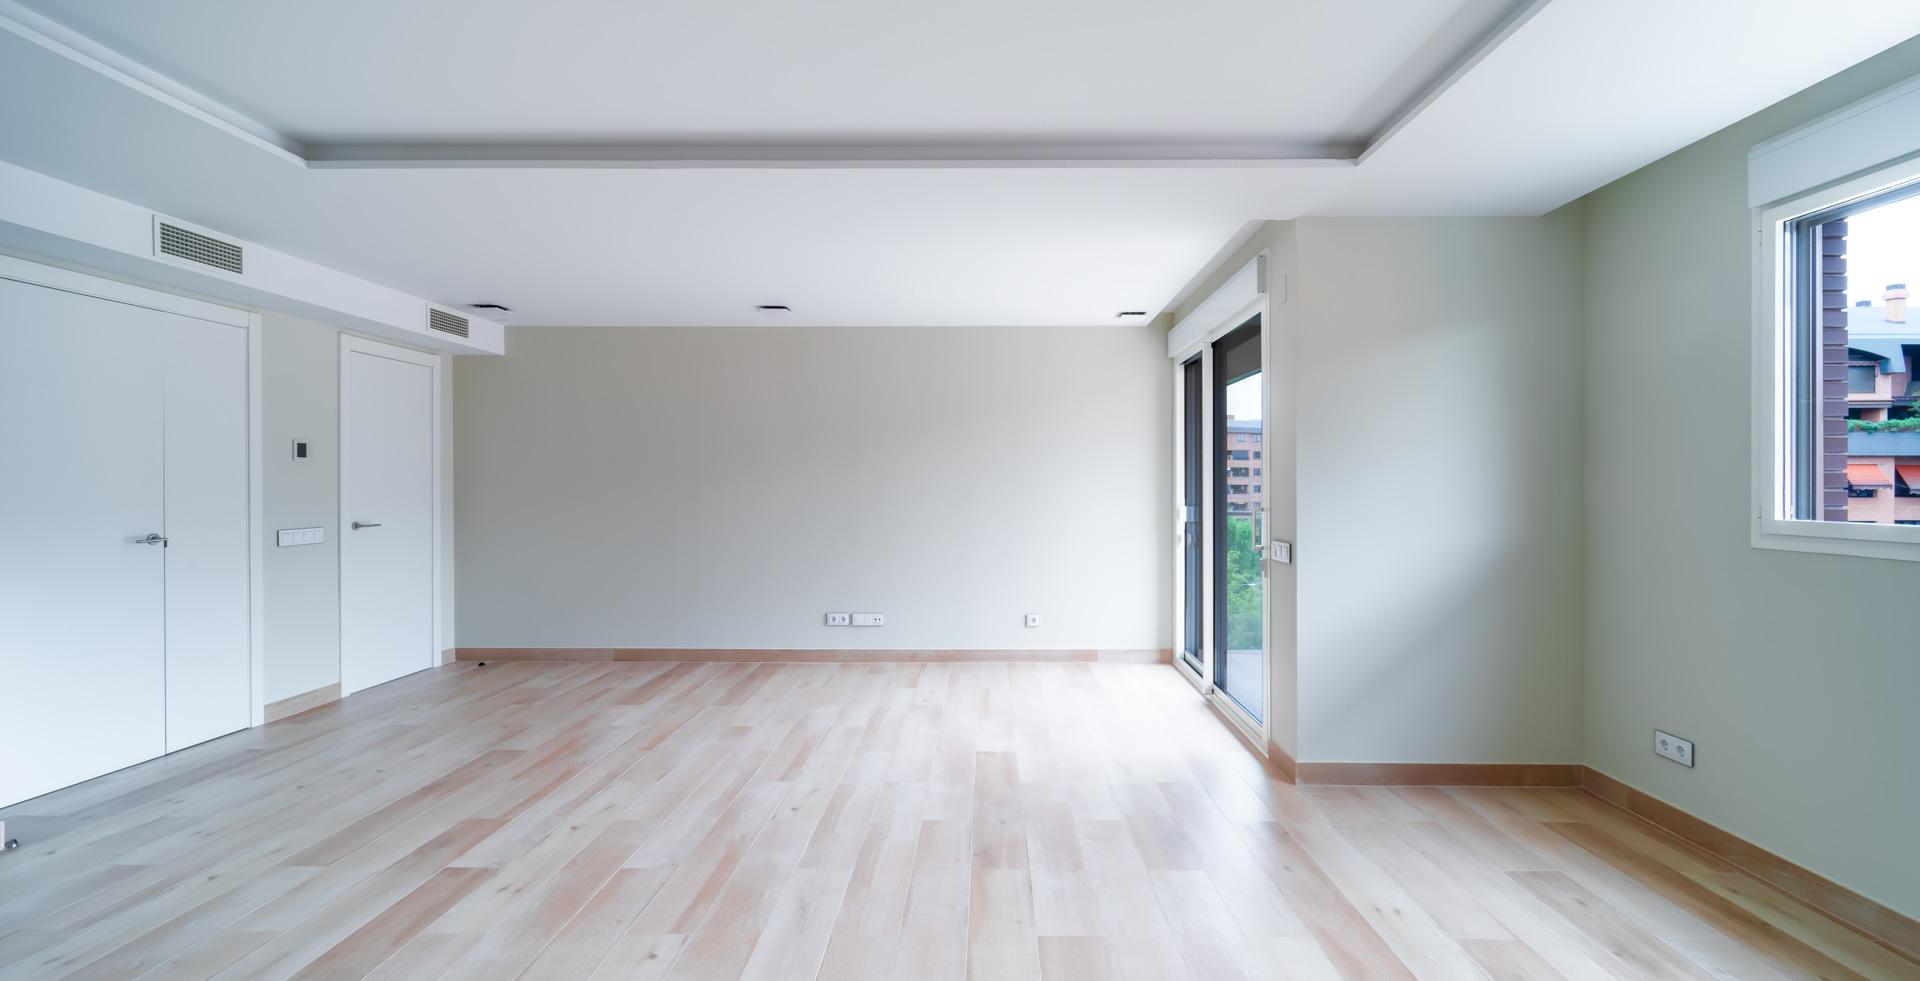 fotografo de interiores madrid isolvaro